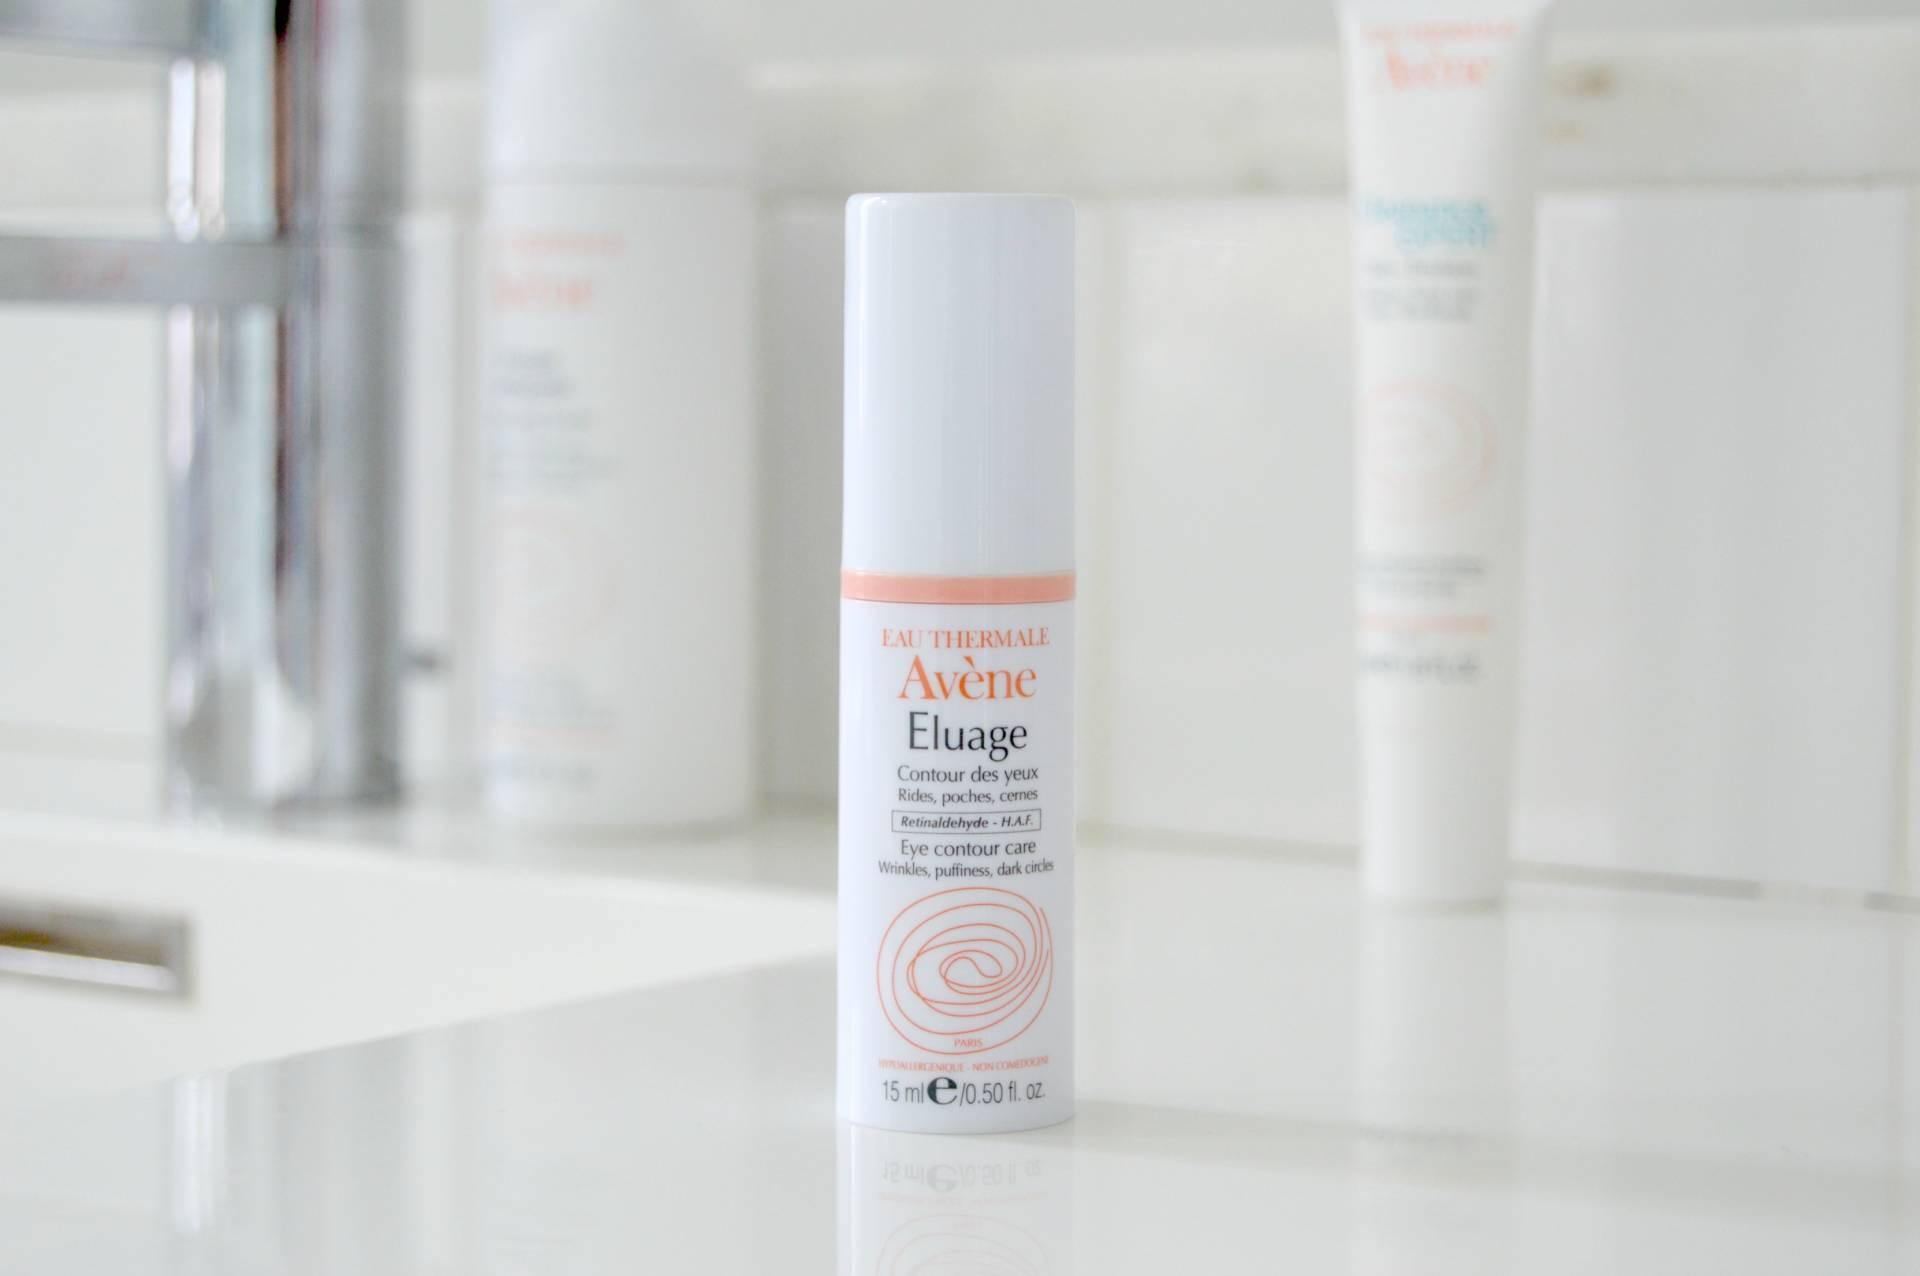 avene eluage eye contour cream review inhautepursuit